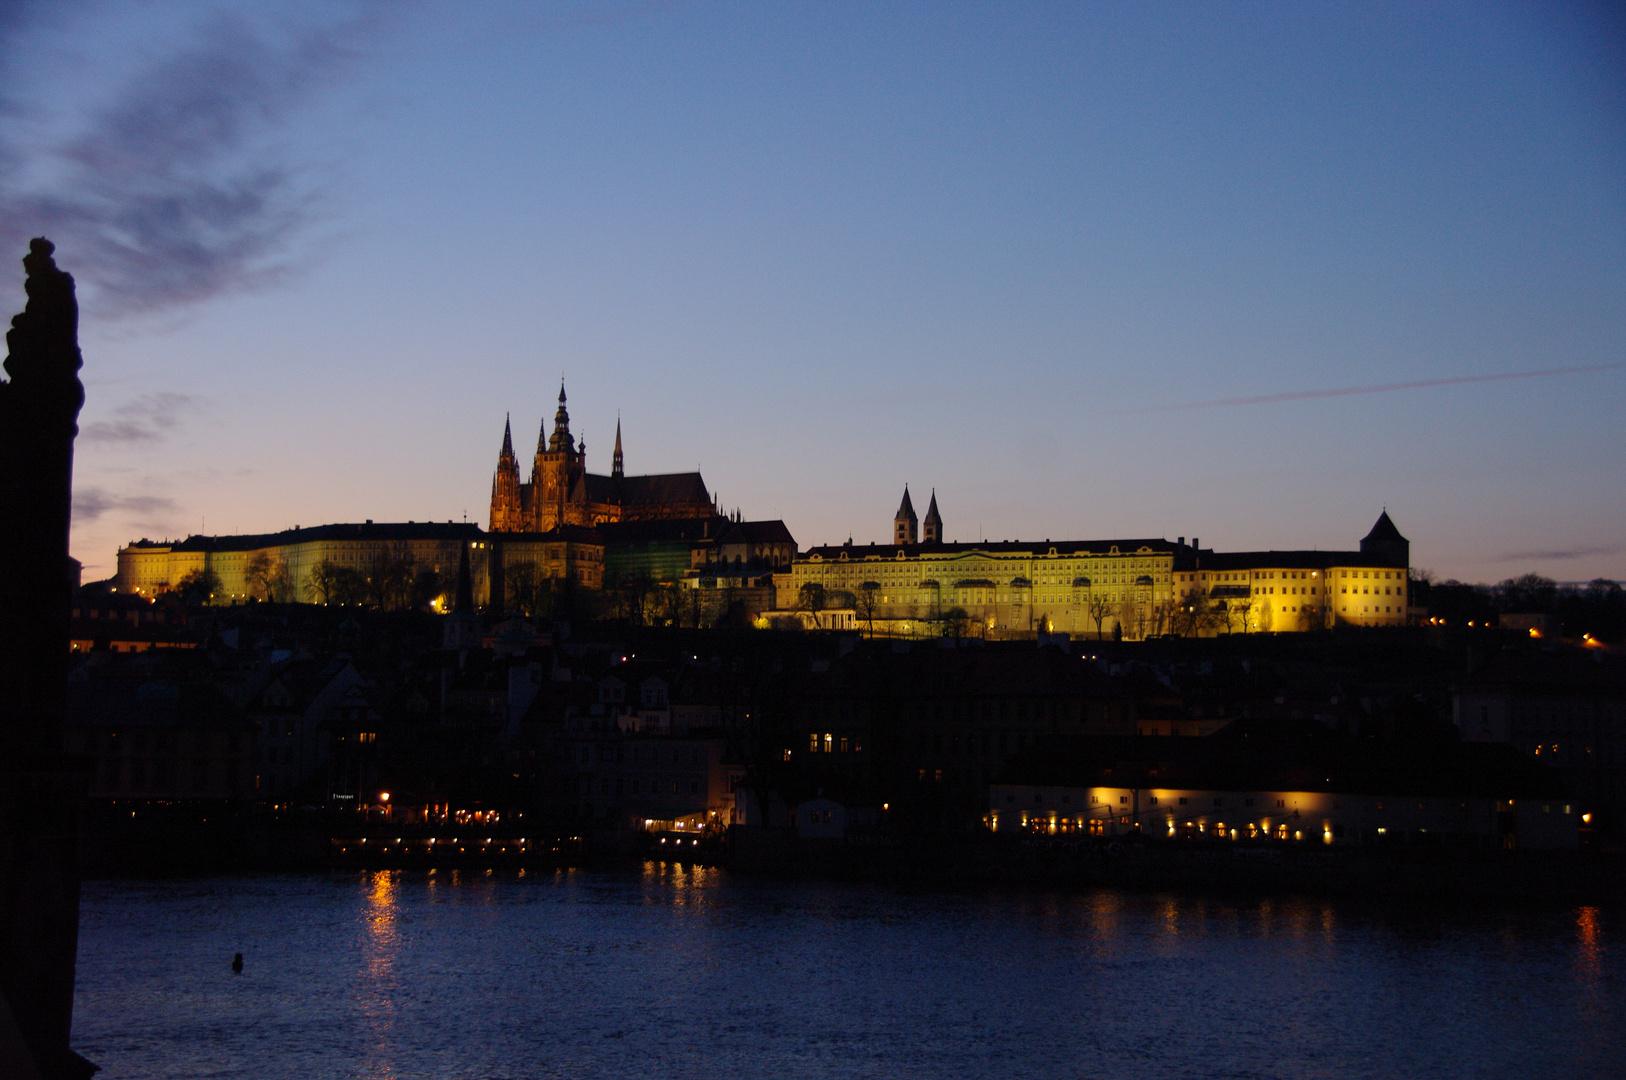 Prag 005 - Rundgang bei Anbruch der Nacht